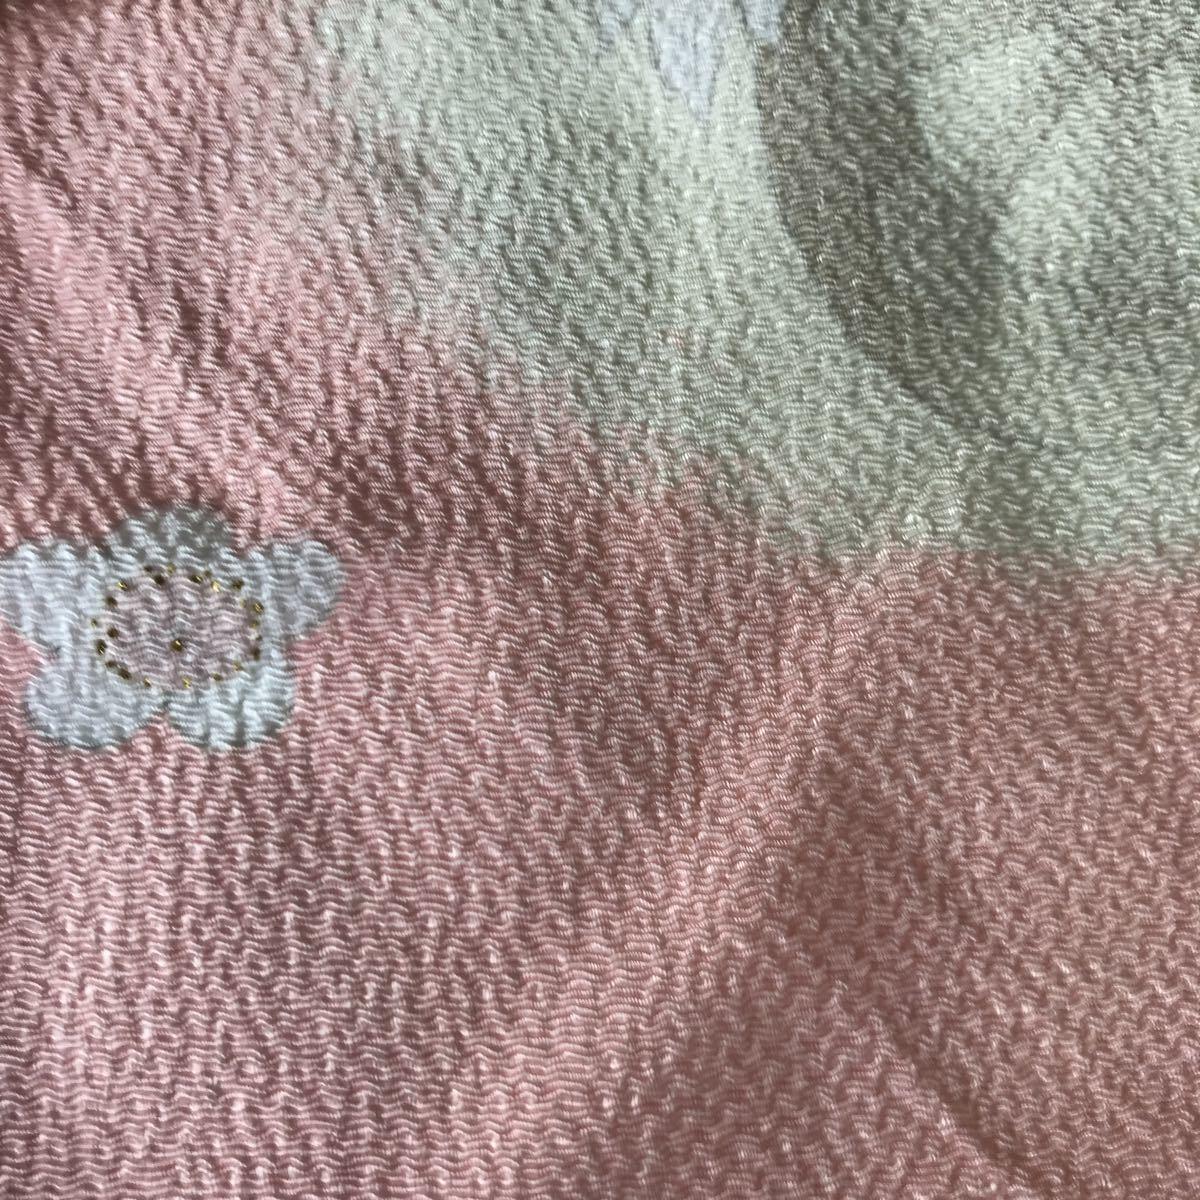 風呂敷 ふじみやび ちりめん レーヨン100% 日本製 ピンク色 未使用 花デザイン サイズ約64.5×66㎝ 可愛い品_画像7